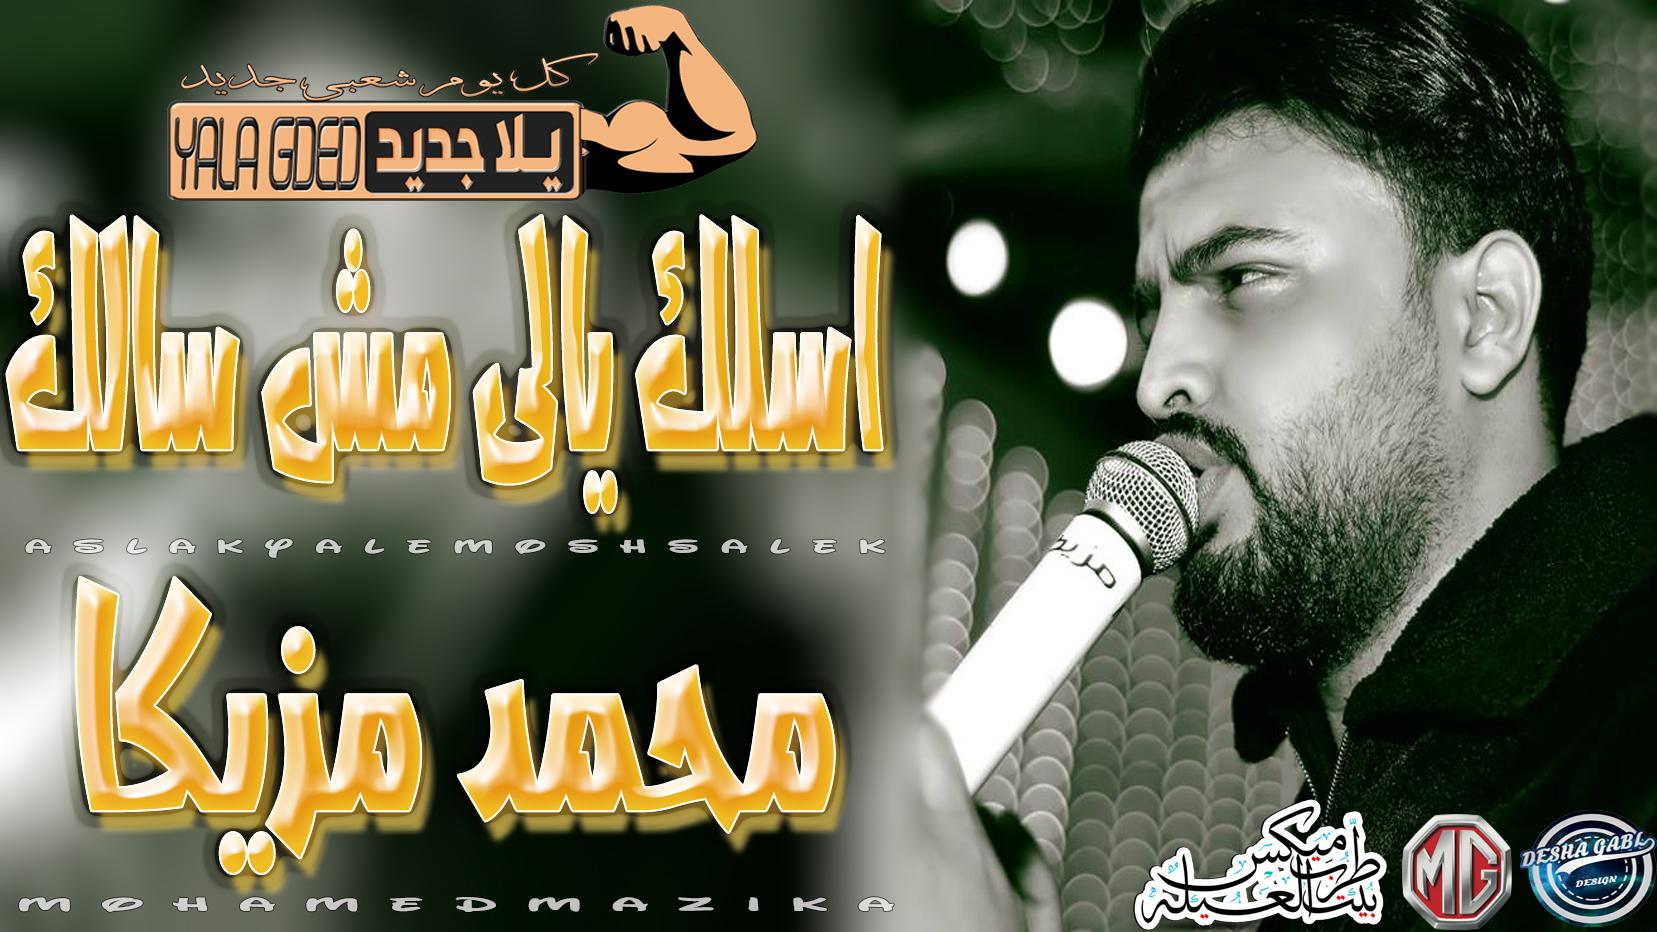 اسلك يالى مش سالكمحمد مزيكا واوشا مصراغنية جديده2019